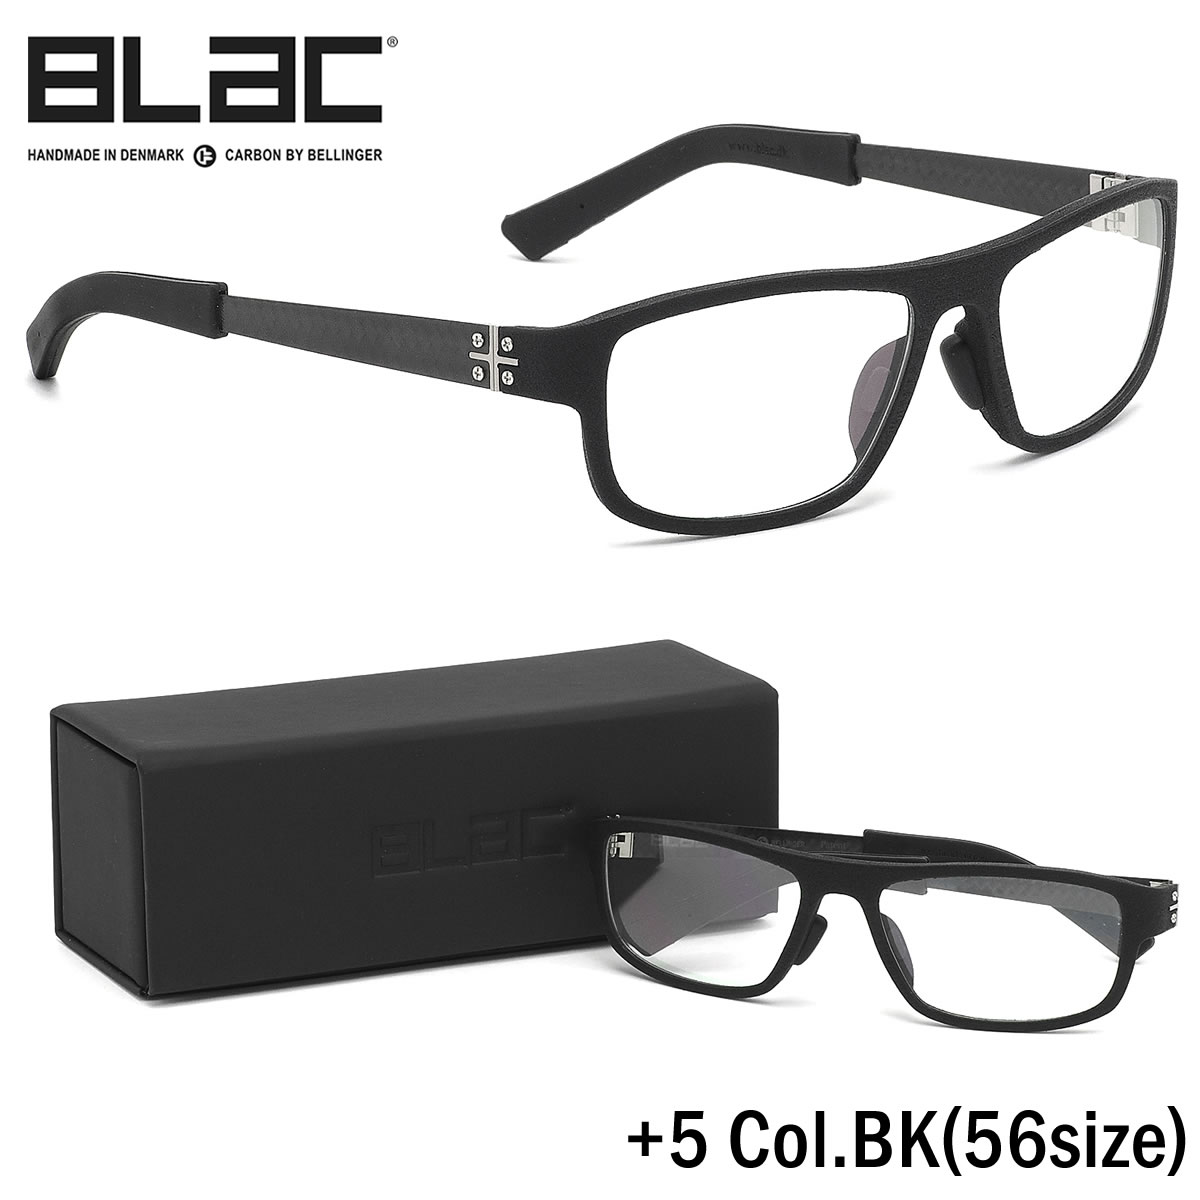 ポイント最大46倍お買い物マラソン8/4 20時スタート!!お得なクーポンも ブラック BLaC メガネ+5 BK 56サイズ+5 PLUS5 カーボンファイバー CARBON FIBER ハイブリッド BLaC+ ポリアミドブラック BLaC メンズ レディース